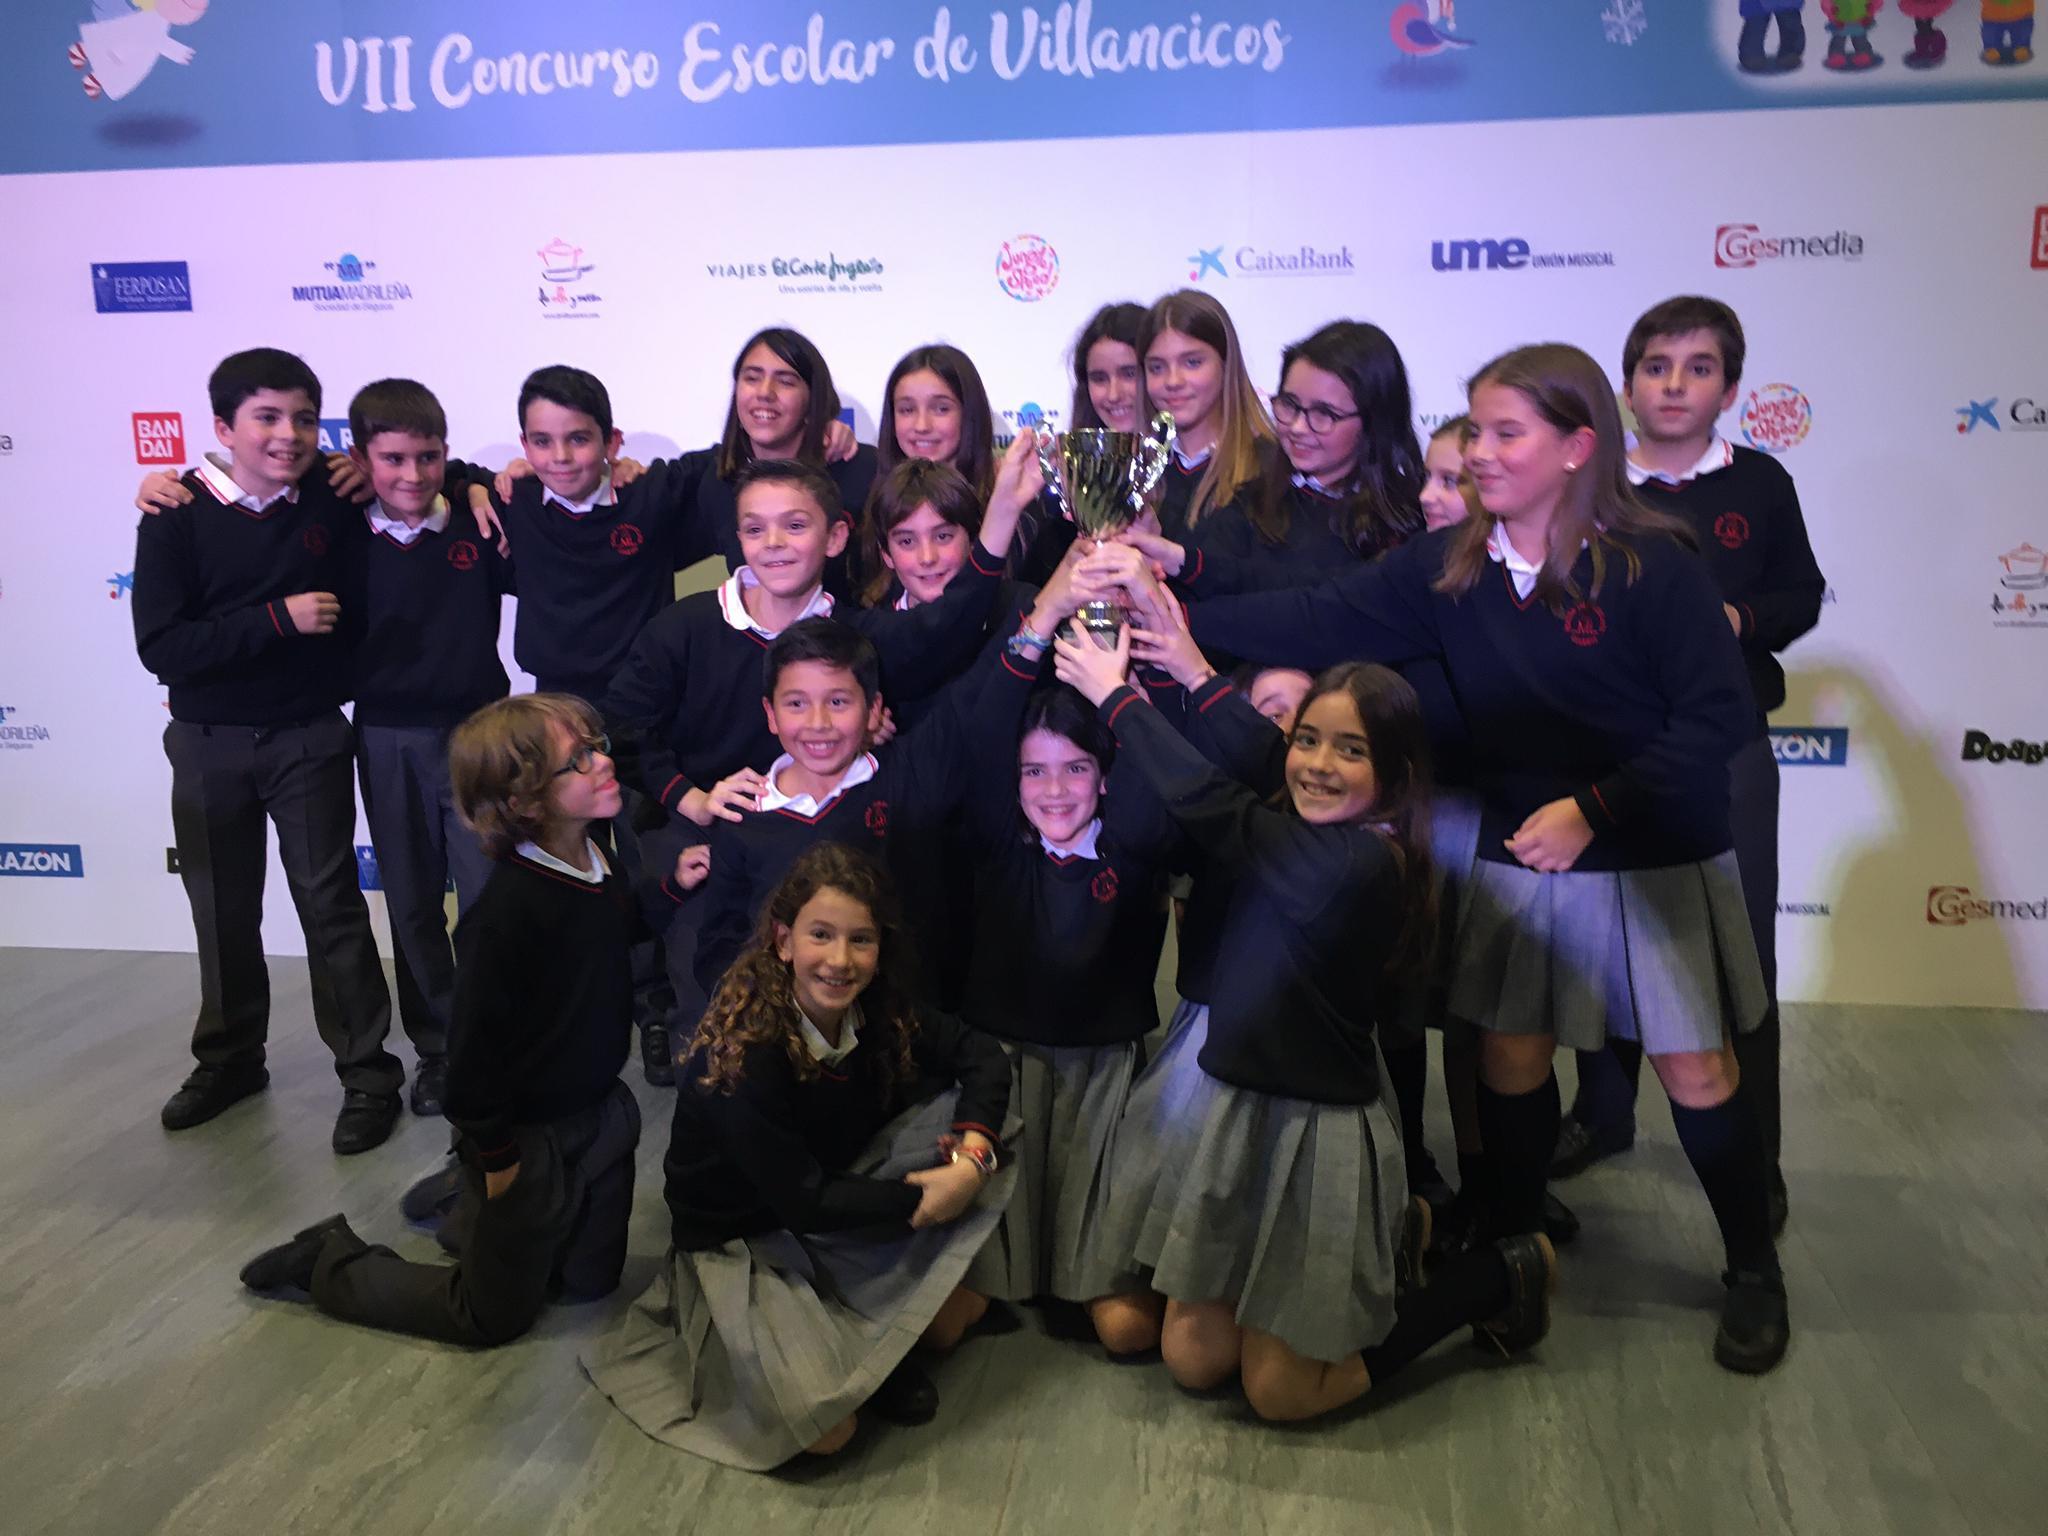 3er Premio en el Certamen de Villancicos para el Mater